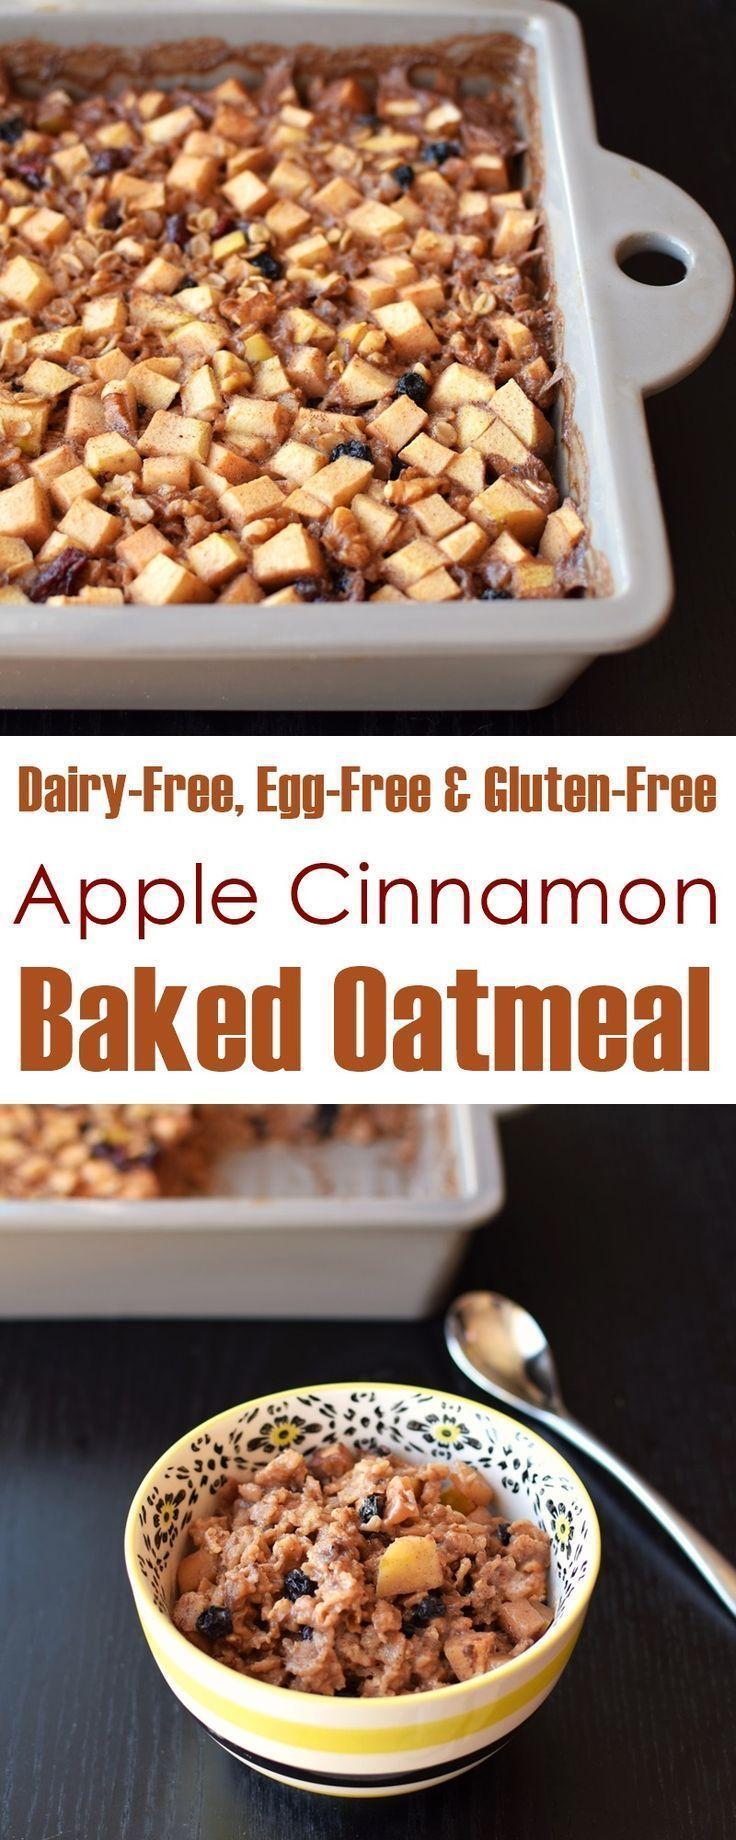 Vegan Apple Cinnamon Baked Oatmeal #glutenfreebreakfasts